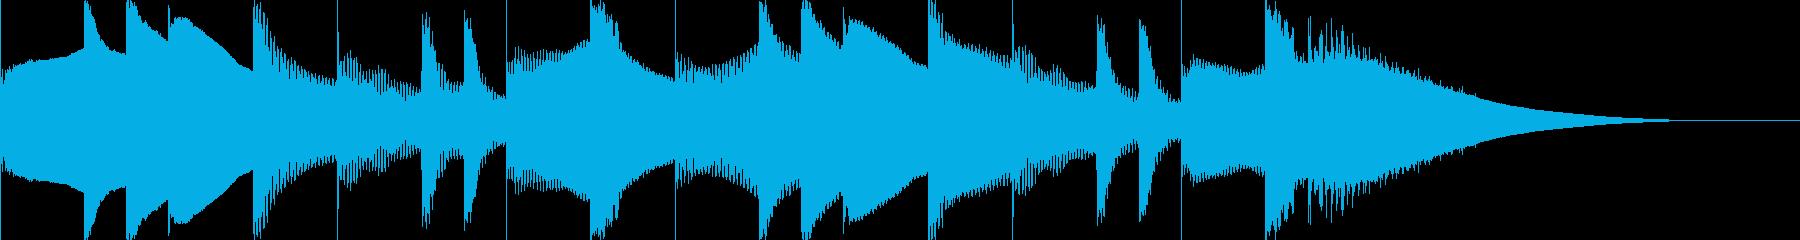 アホっぽいイメージの曲の再生済みの波形